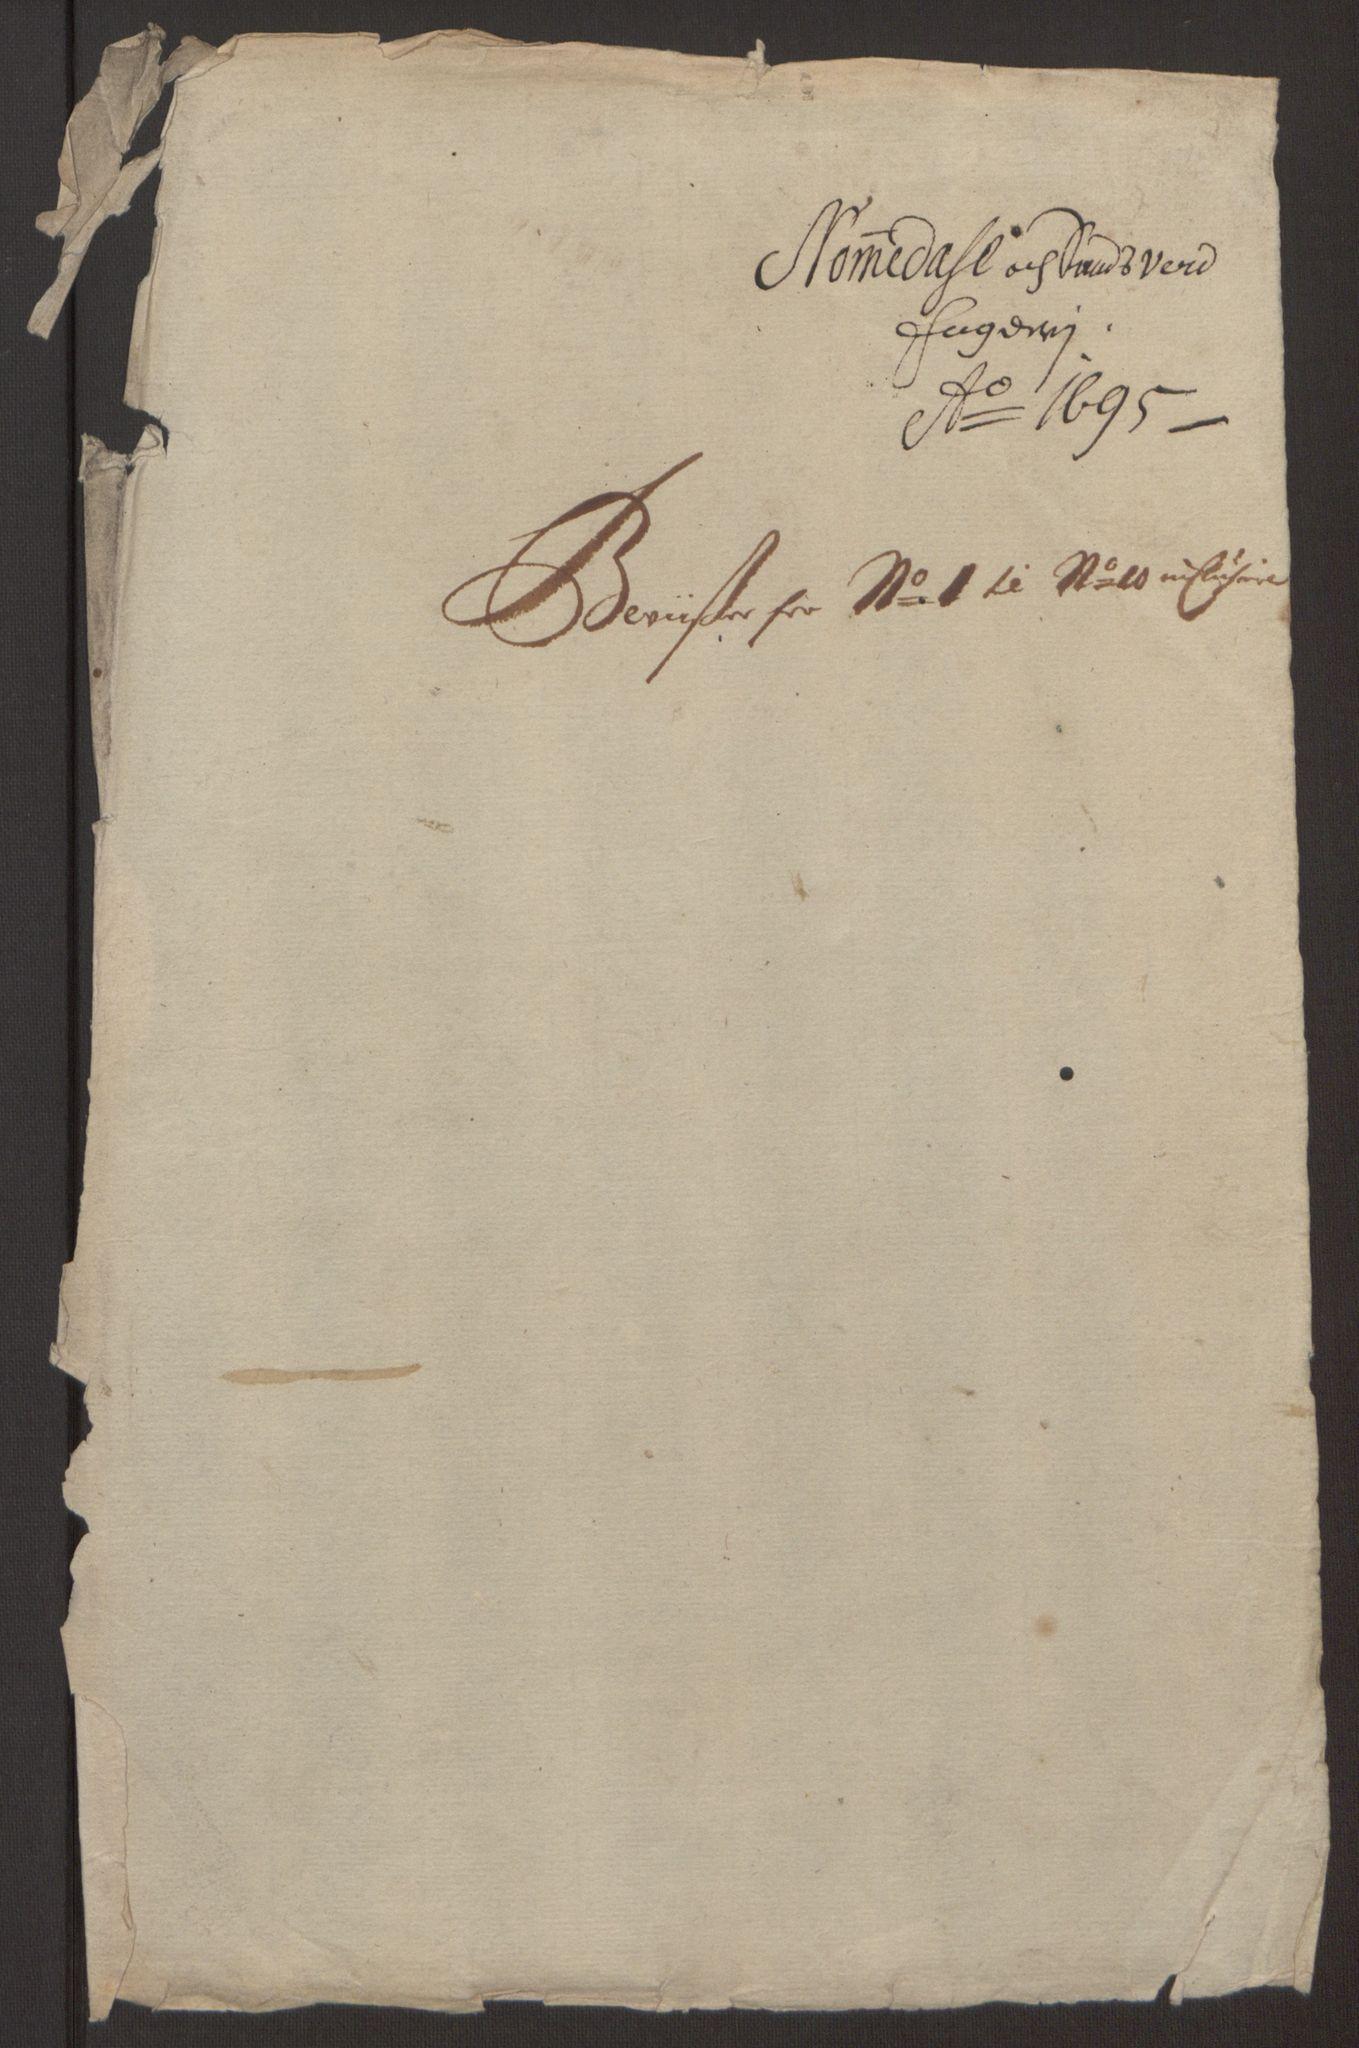 RA, Rentekammeret inntil 1814, Reviderte regnskaper, Fogderegnskap, R24/L1575: Fogderegnskap Numedal og Sandsvær, 1692-1695, s. 489